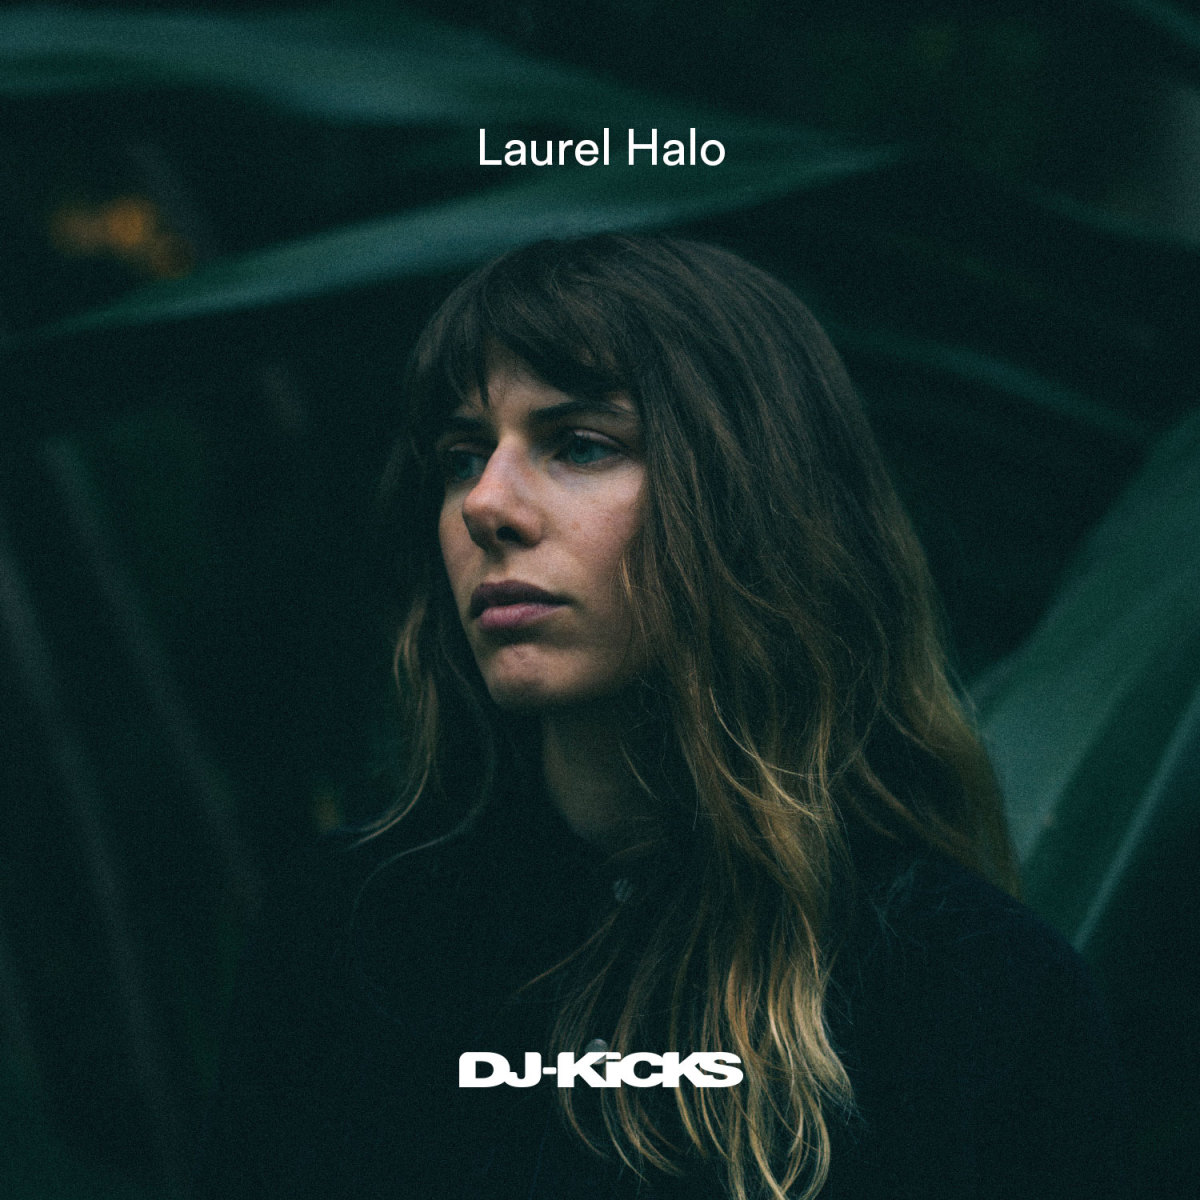 Laurel Halo DJ-kicks